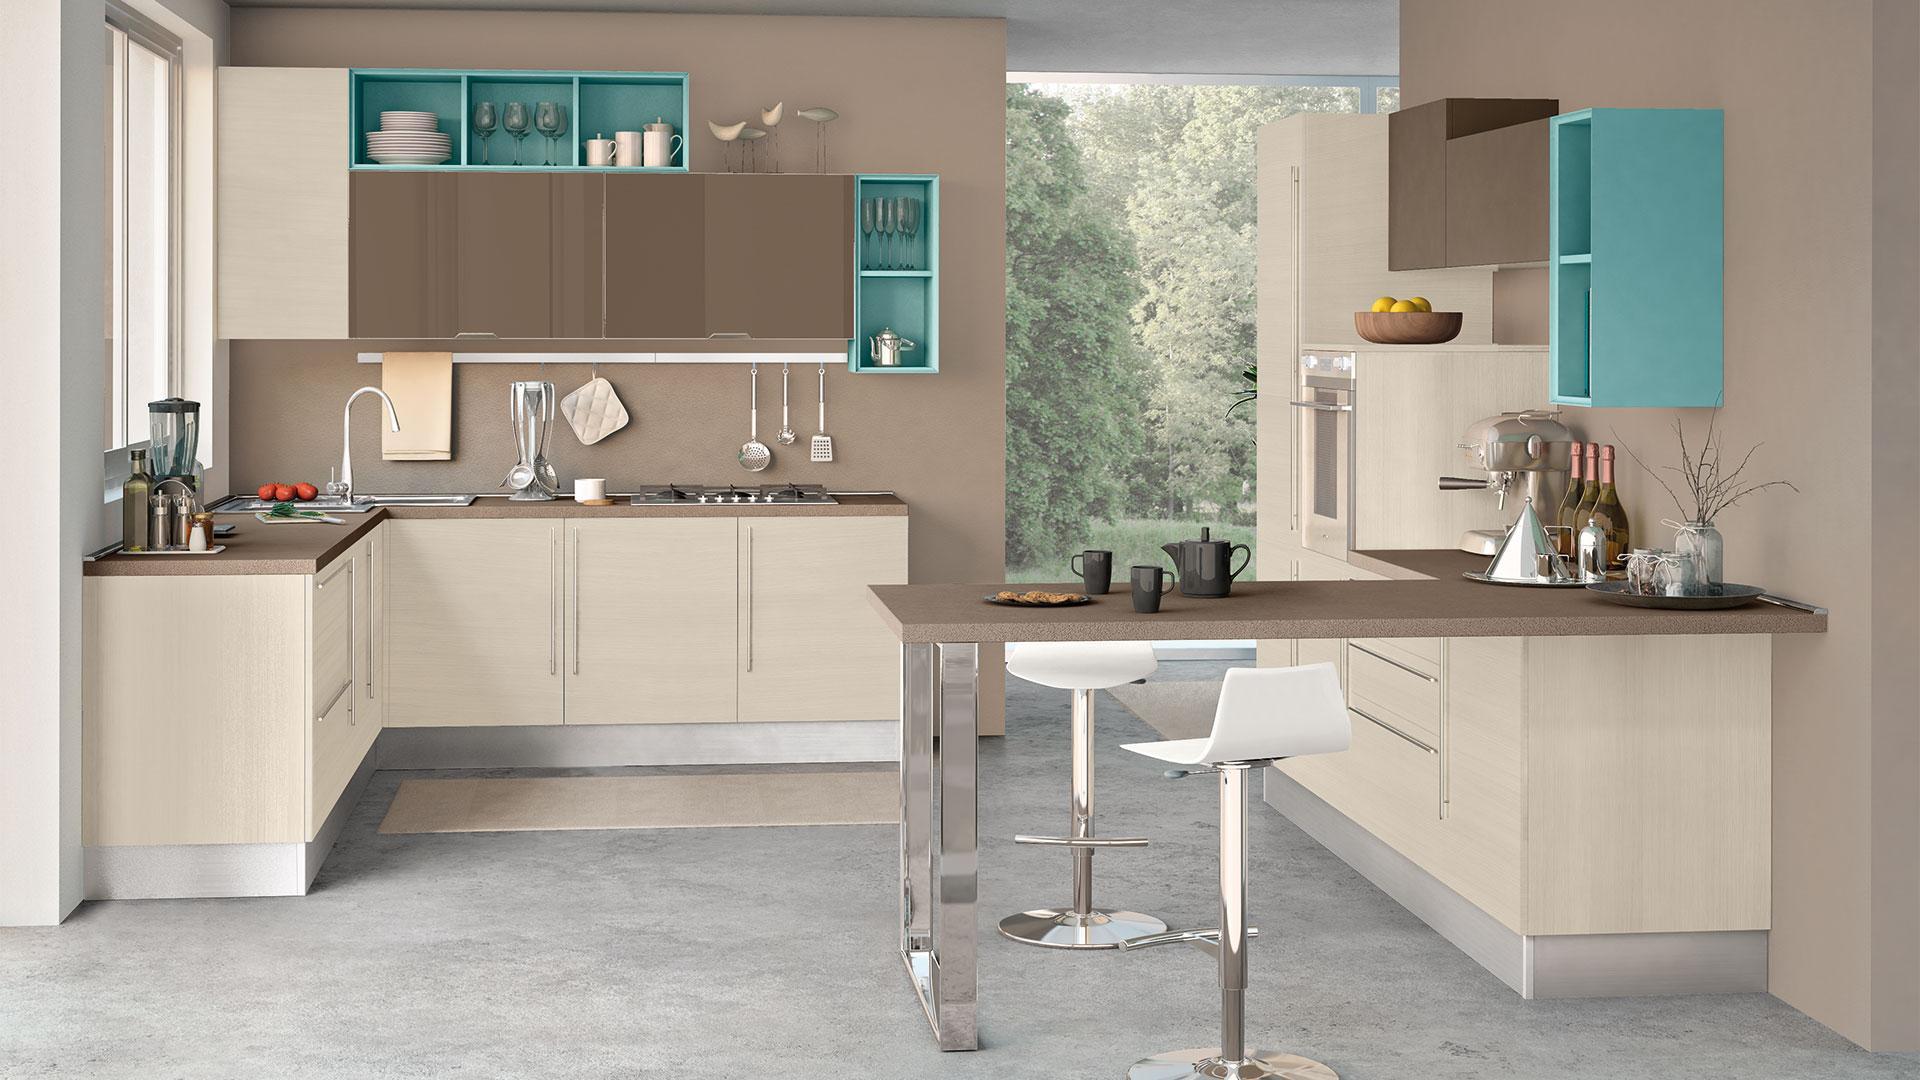 Come scegliere il colore delle pareti per la cucina i consigli per ogni modello cucine lube - Colori pareti cucina classica ...